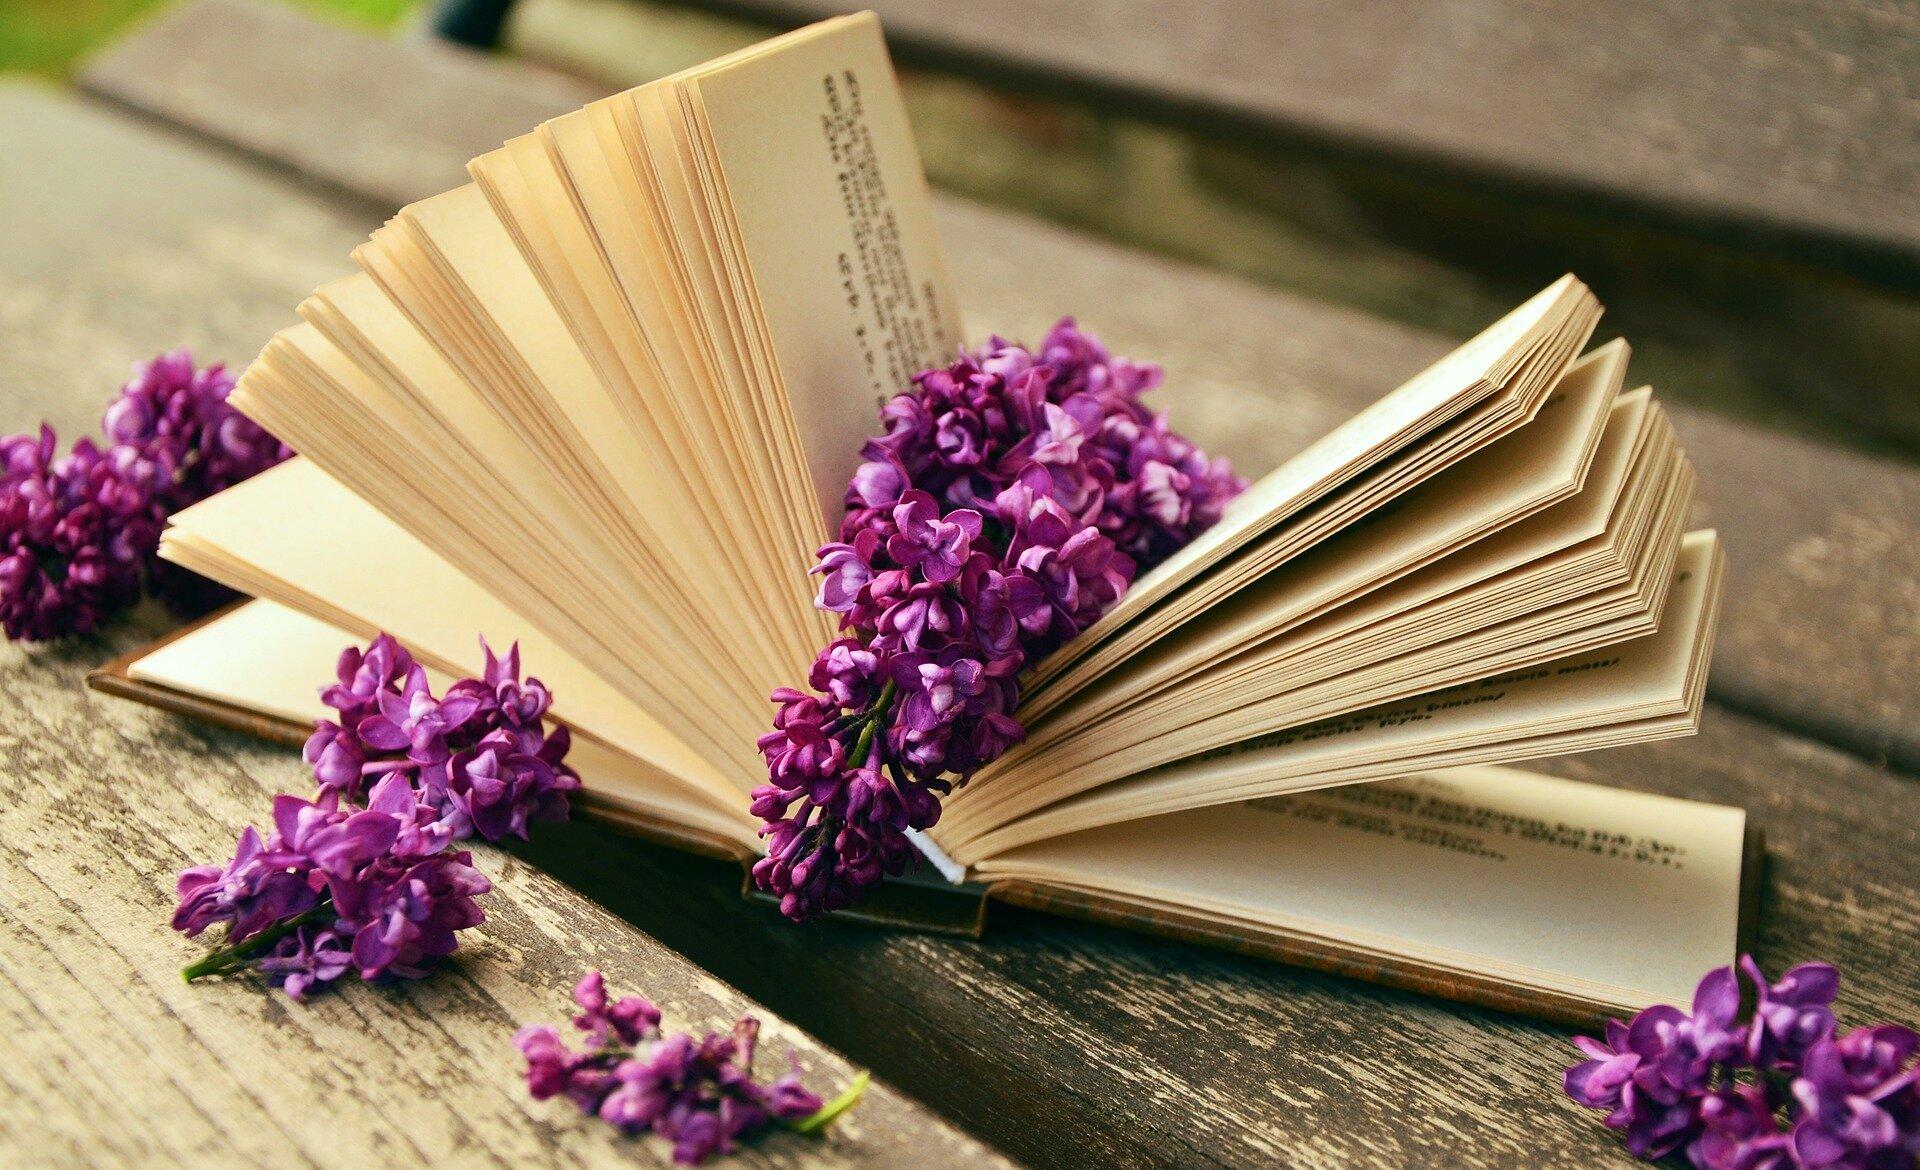 Poezja1 Źródło: www.pixabay.com, fotografia barwna, domena publiczna.